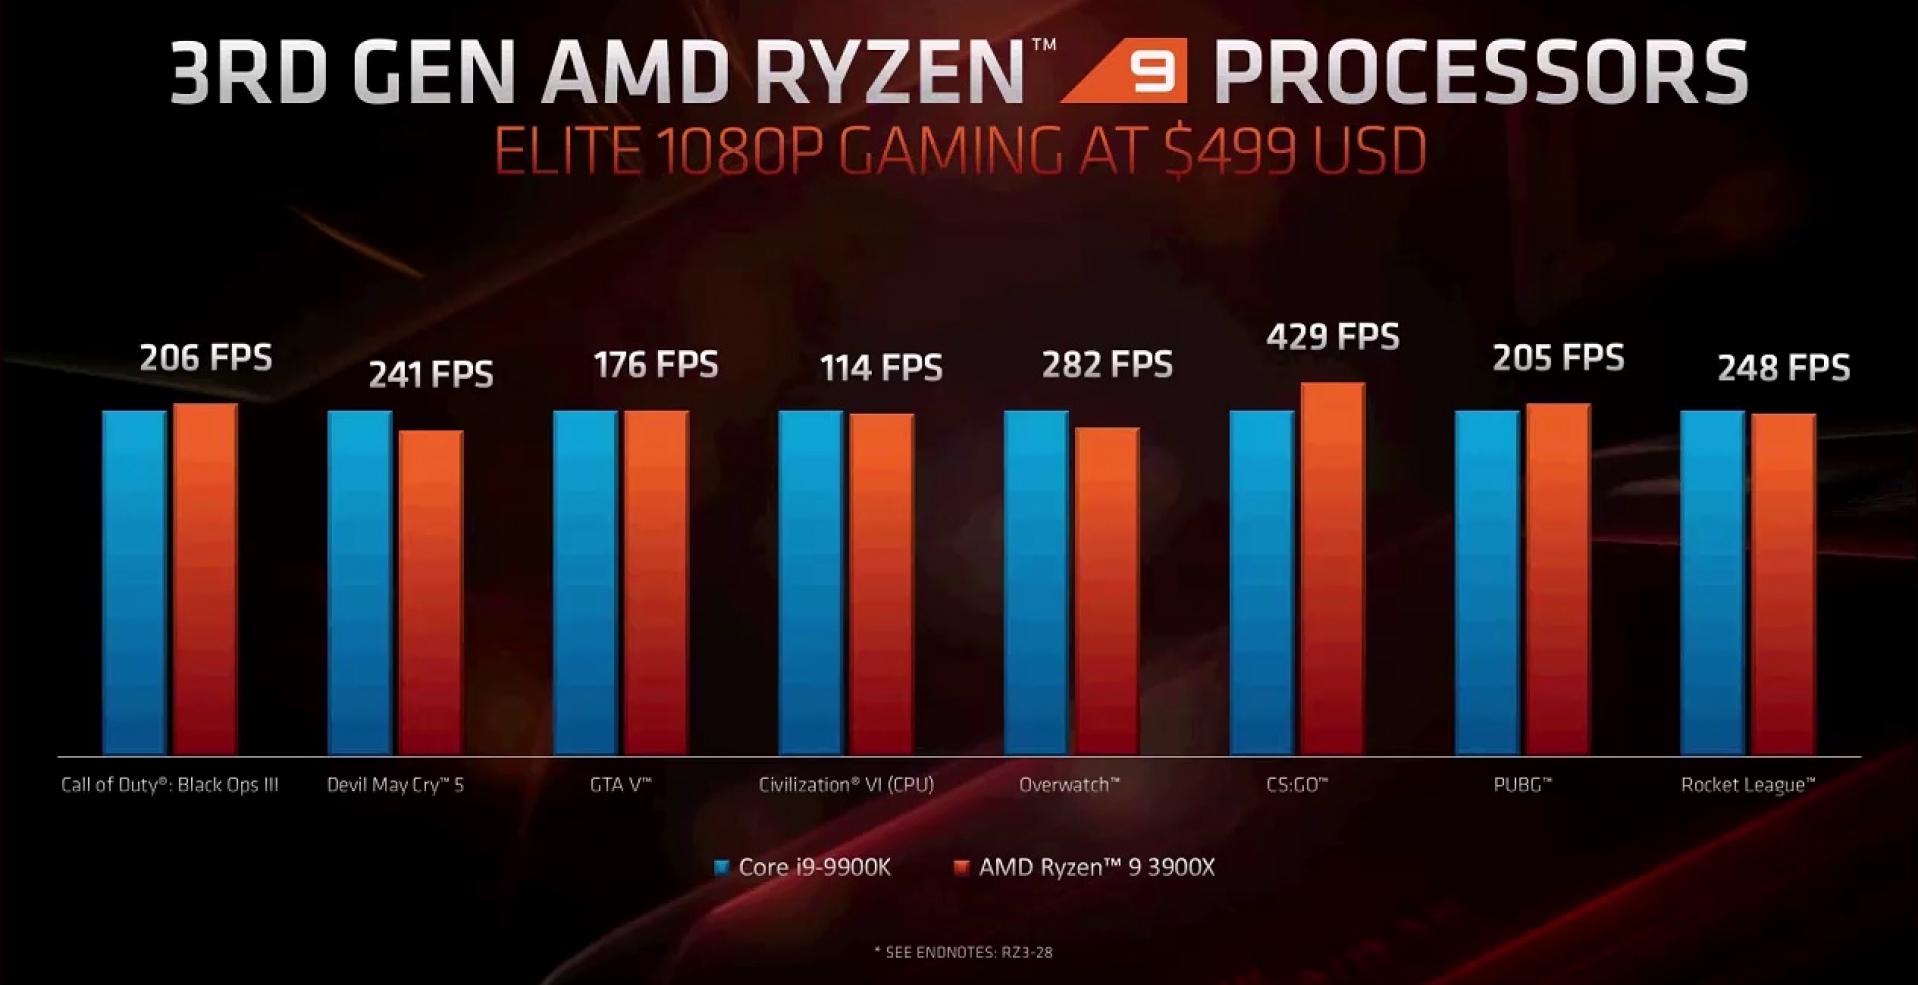 AMD Ryzen 7 3700X Ryzen 9 3900X X470 vs X570 Review | Ryzen 9 3900X